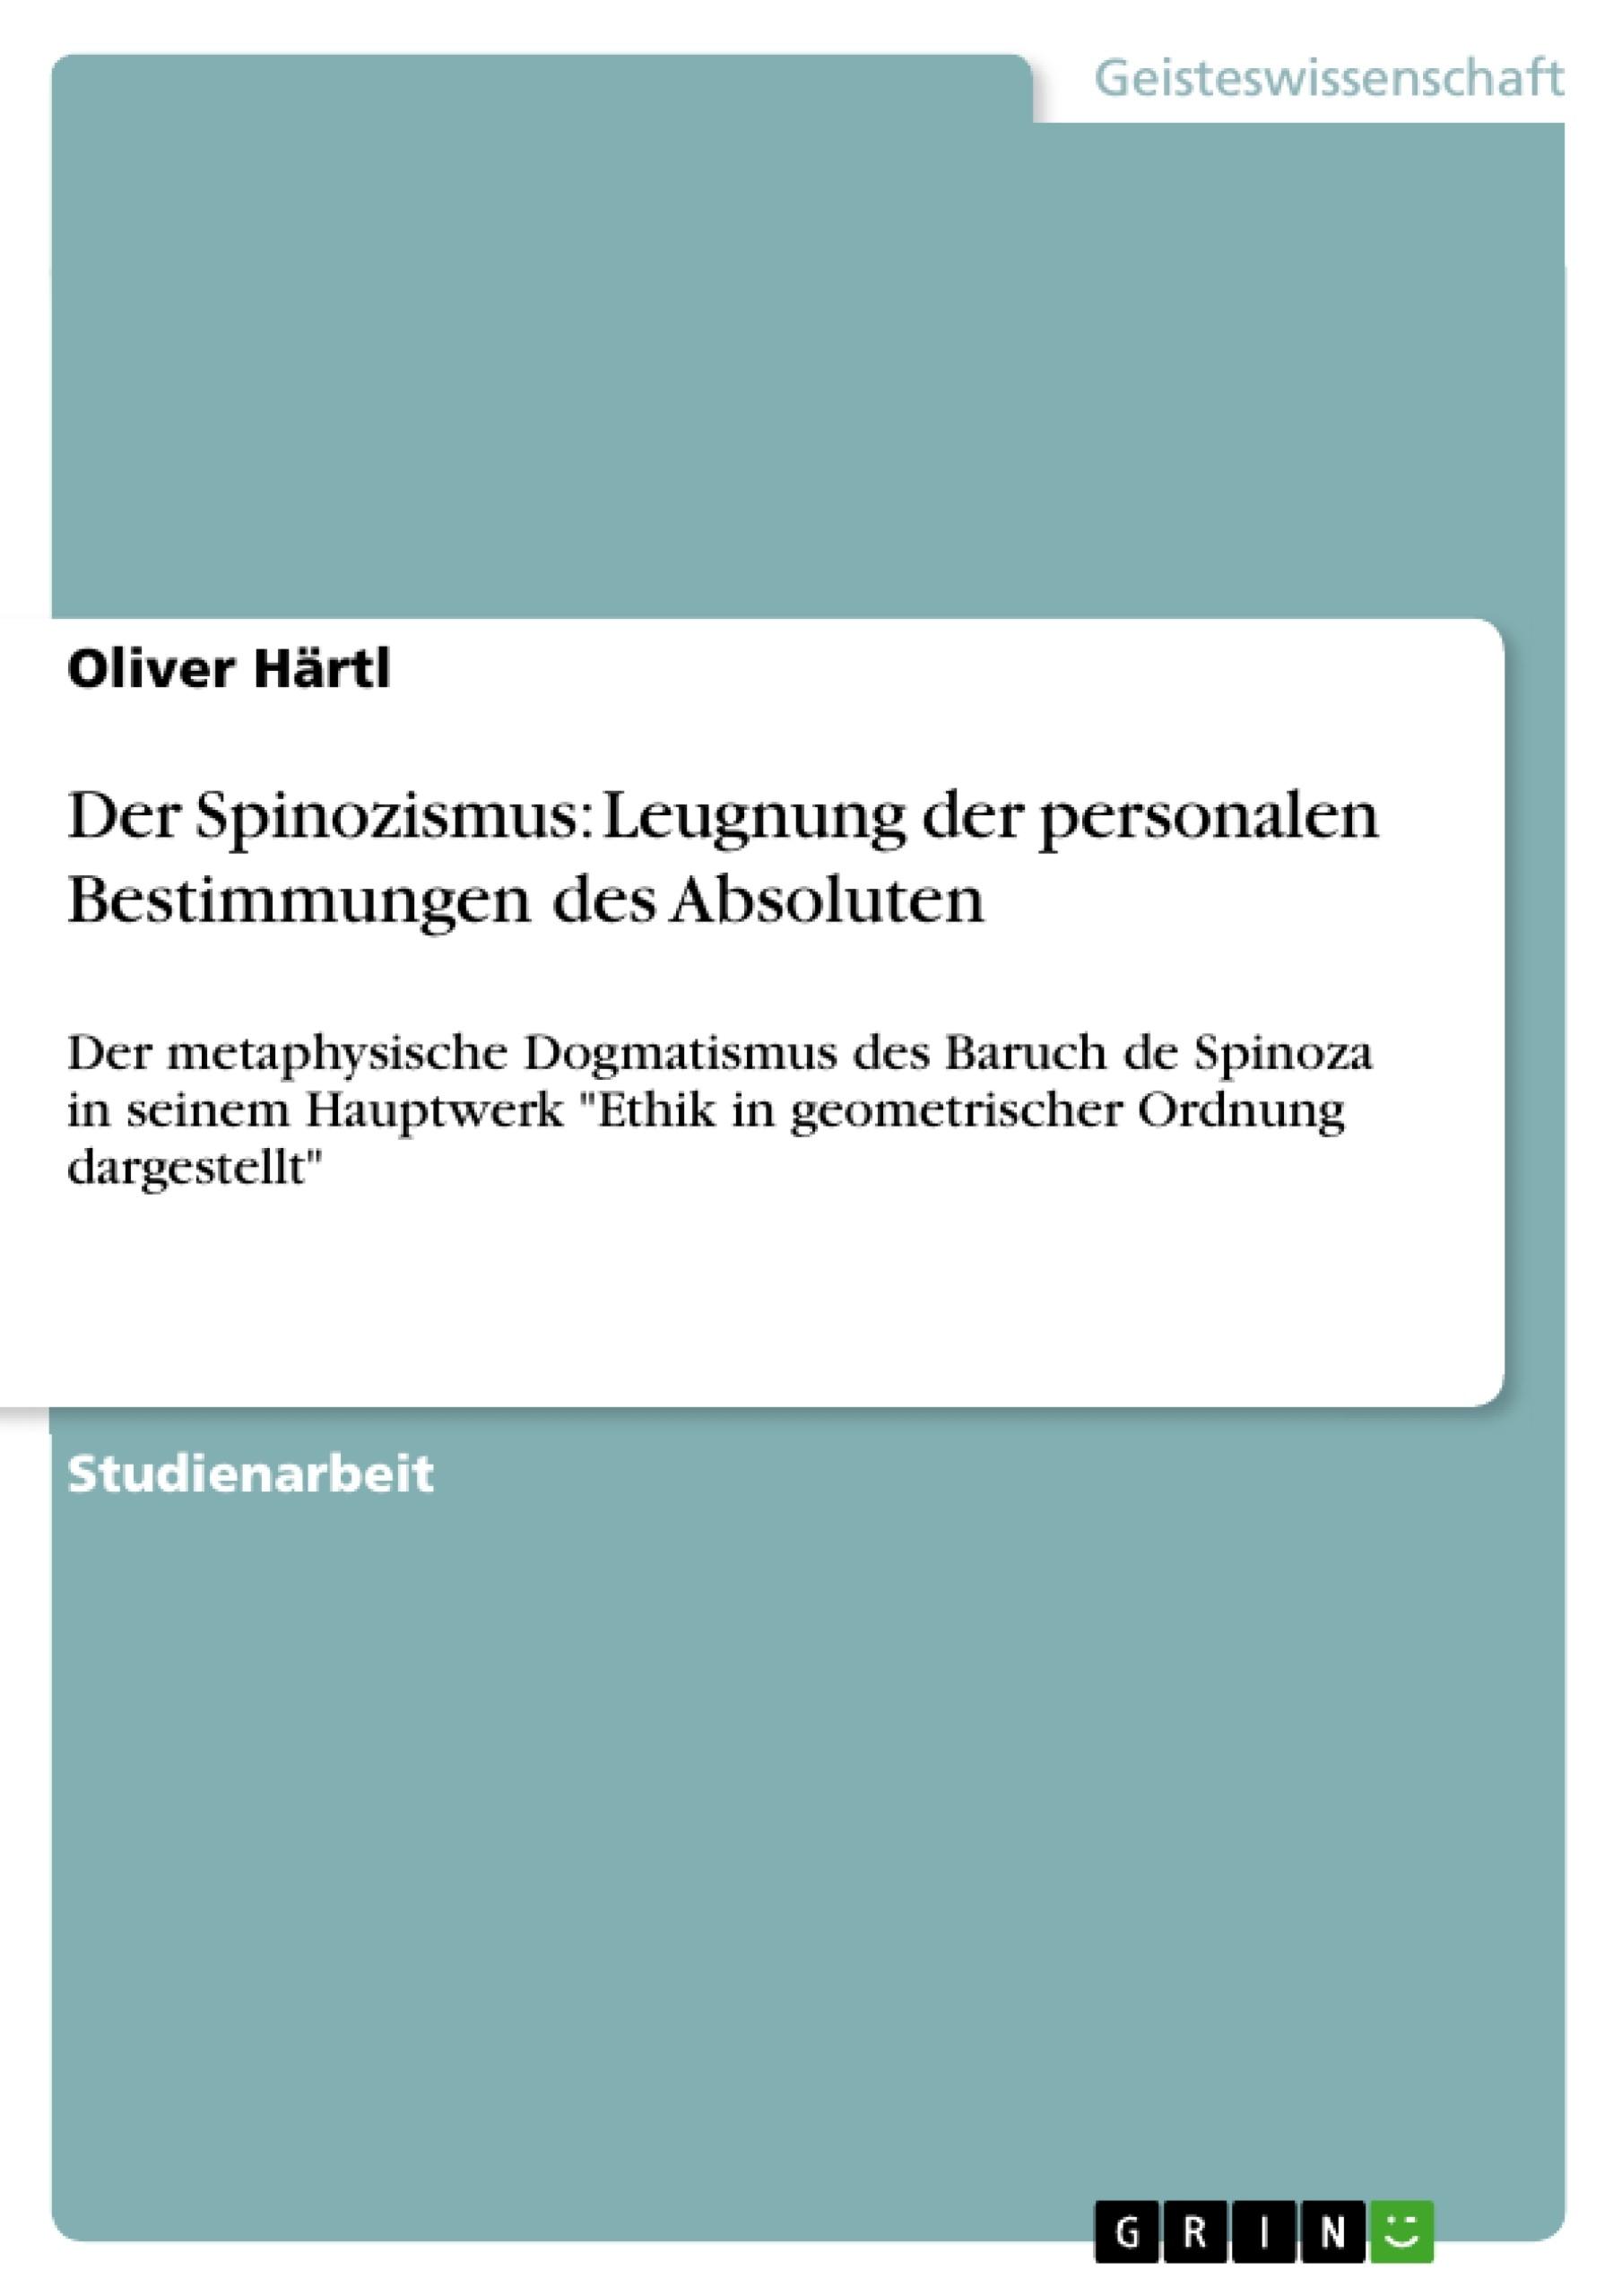 Titel: Der Spinozismus: Leugnung der personalen Bestimmungen des Absoluten